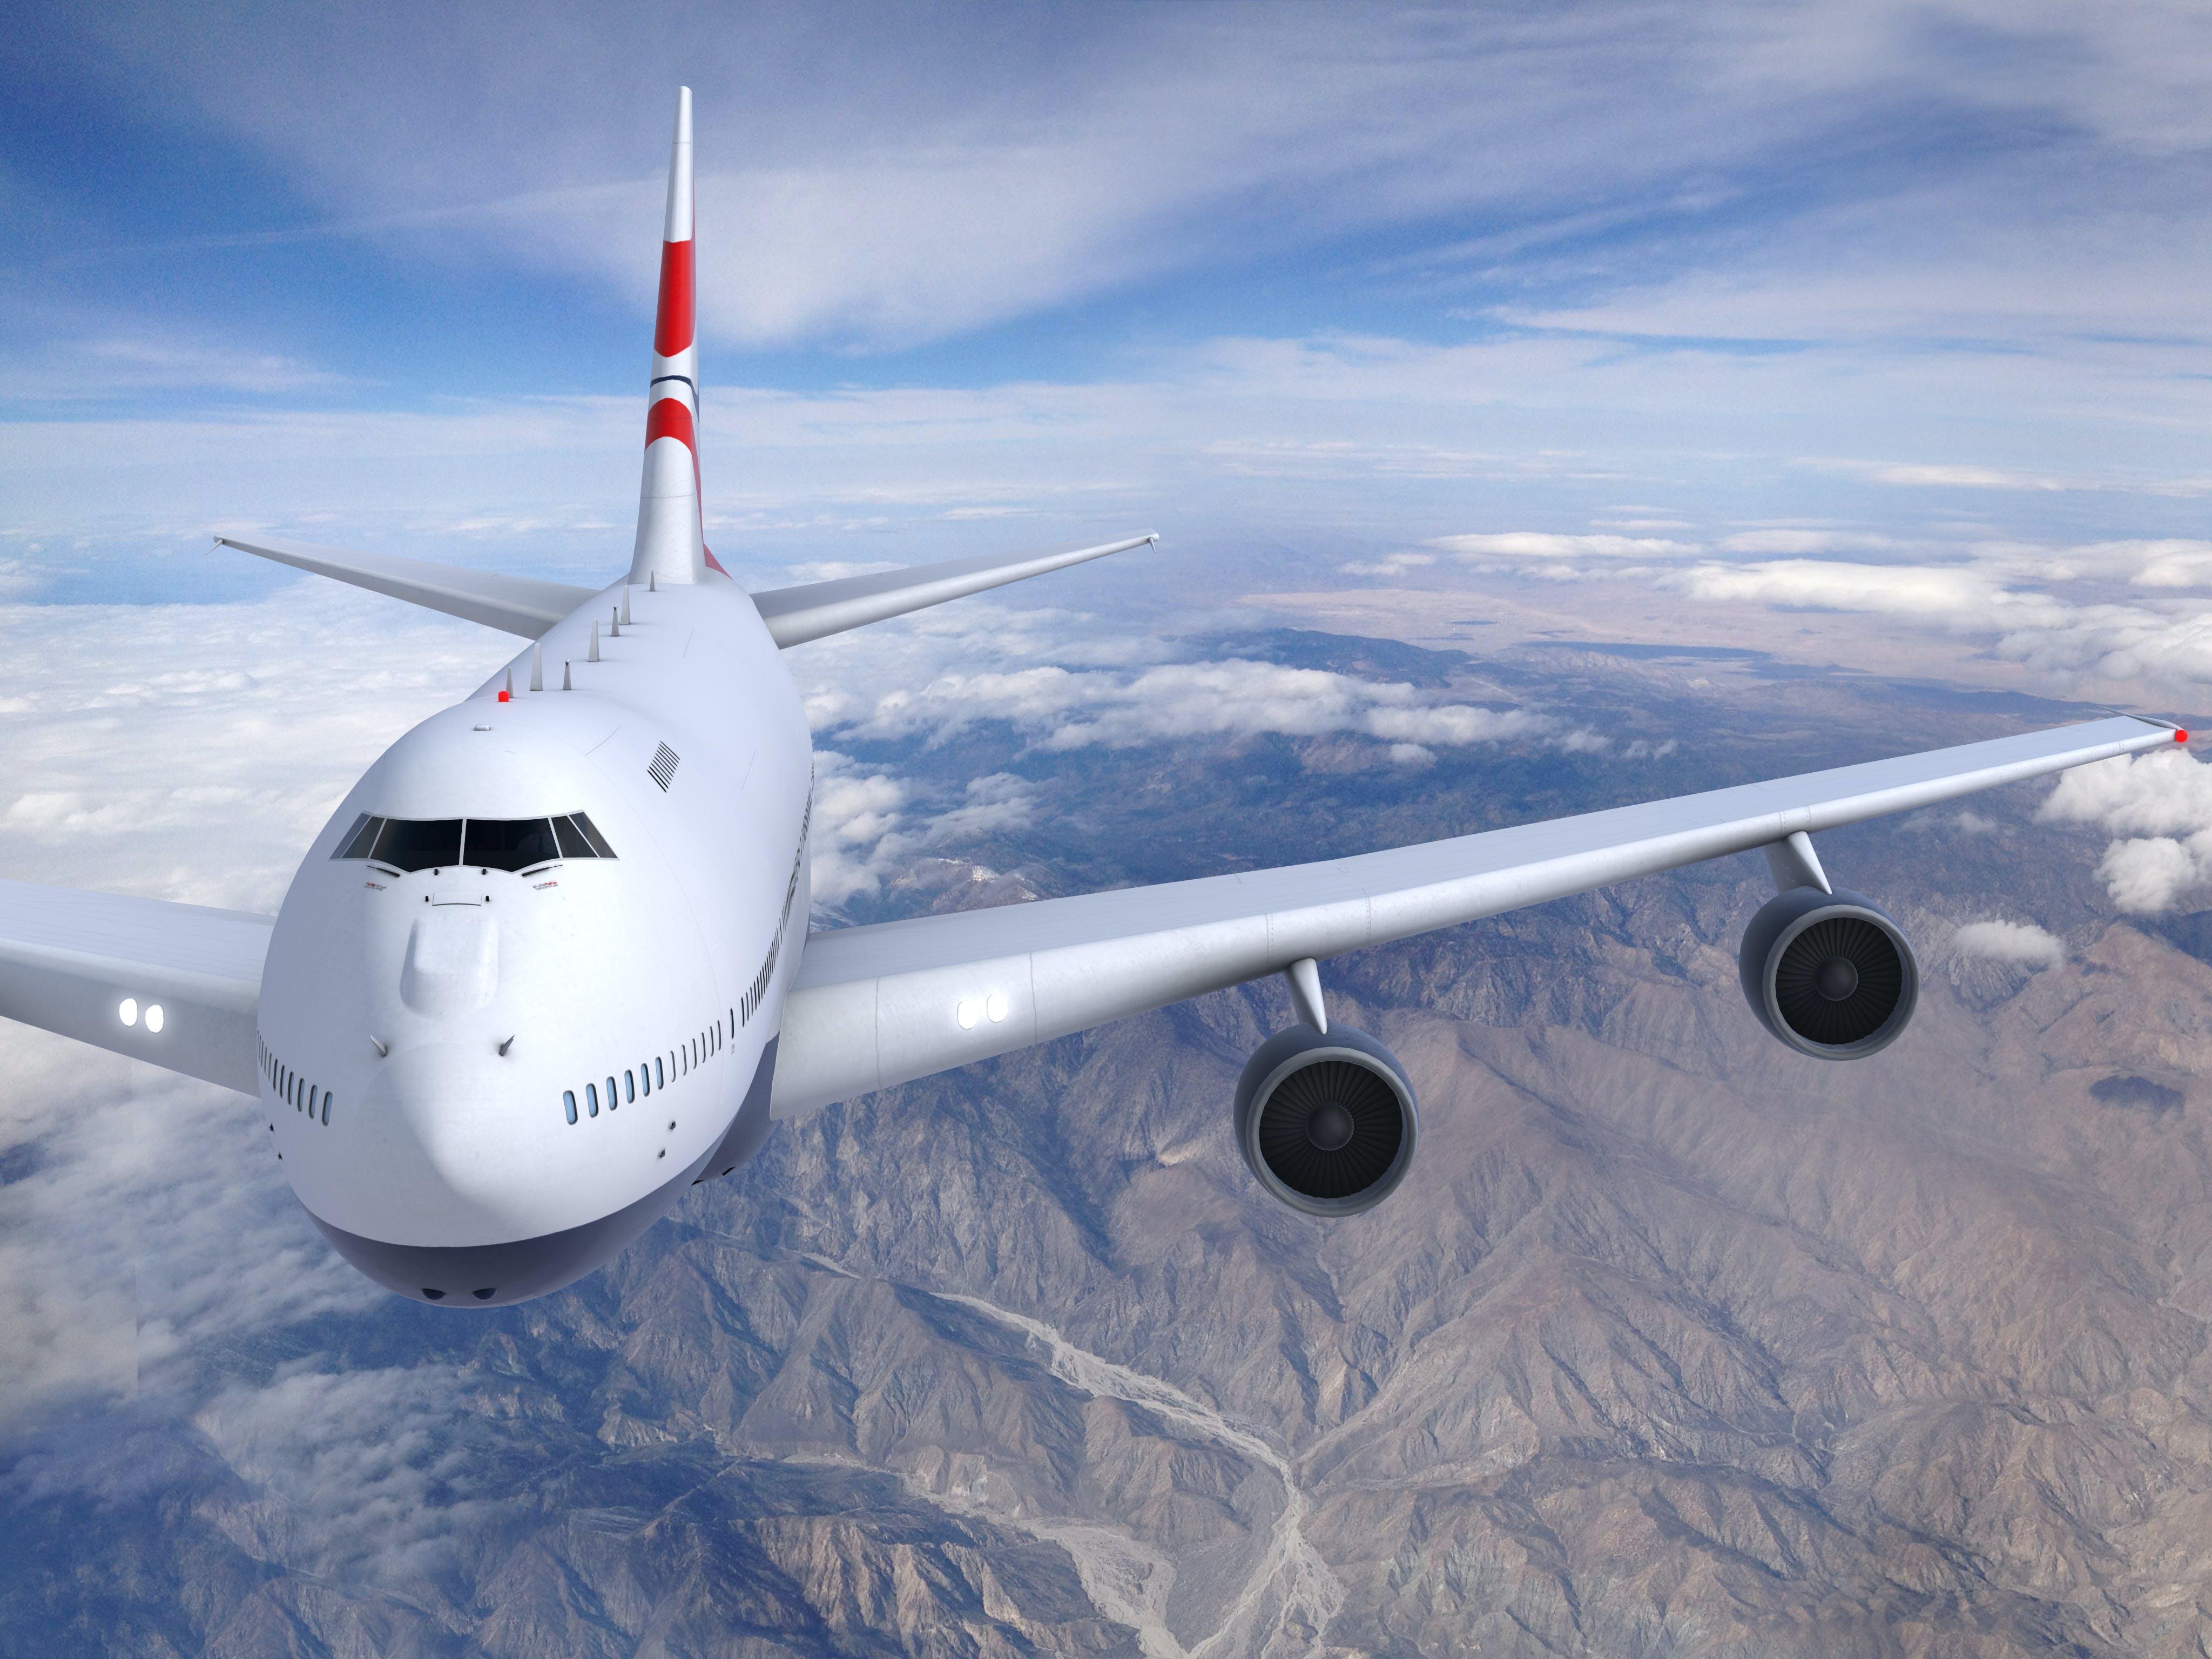 Free stock photo of flight, sky, holiday, vacation